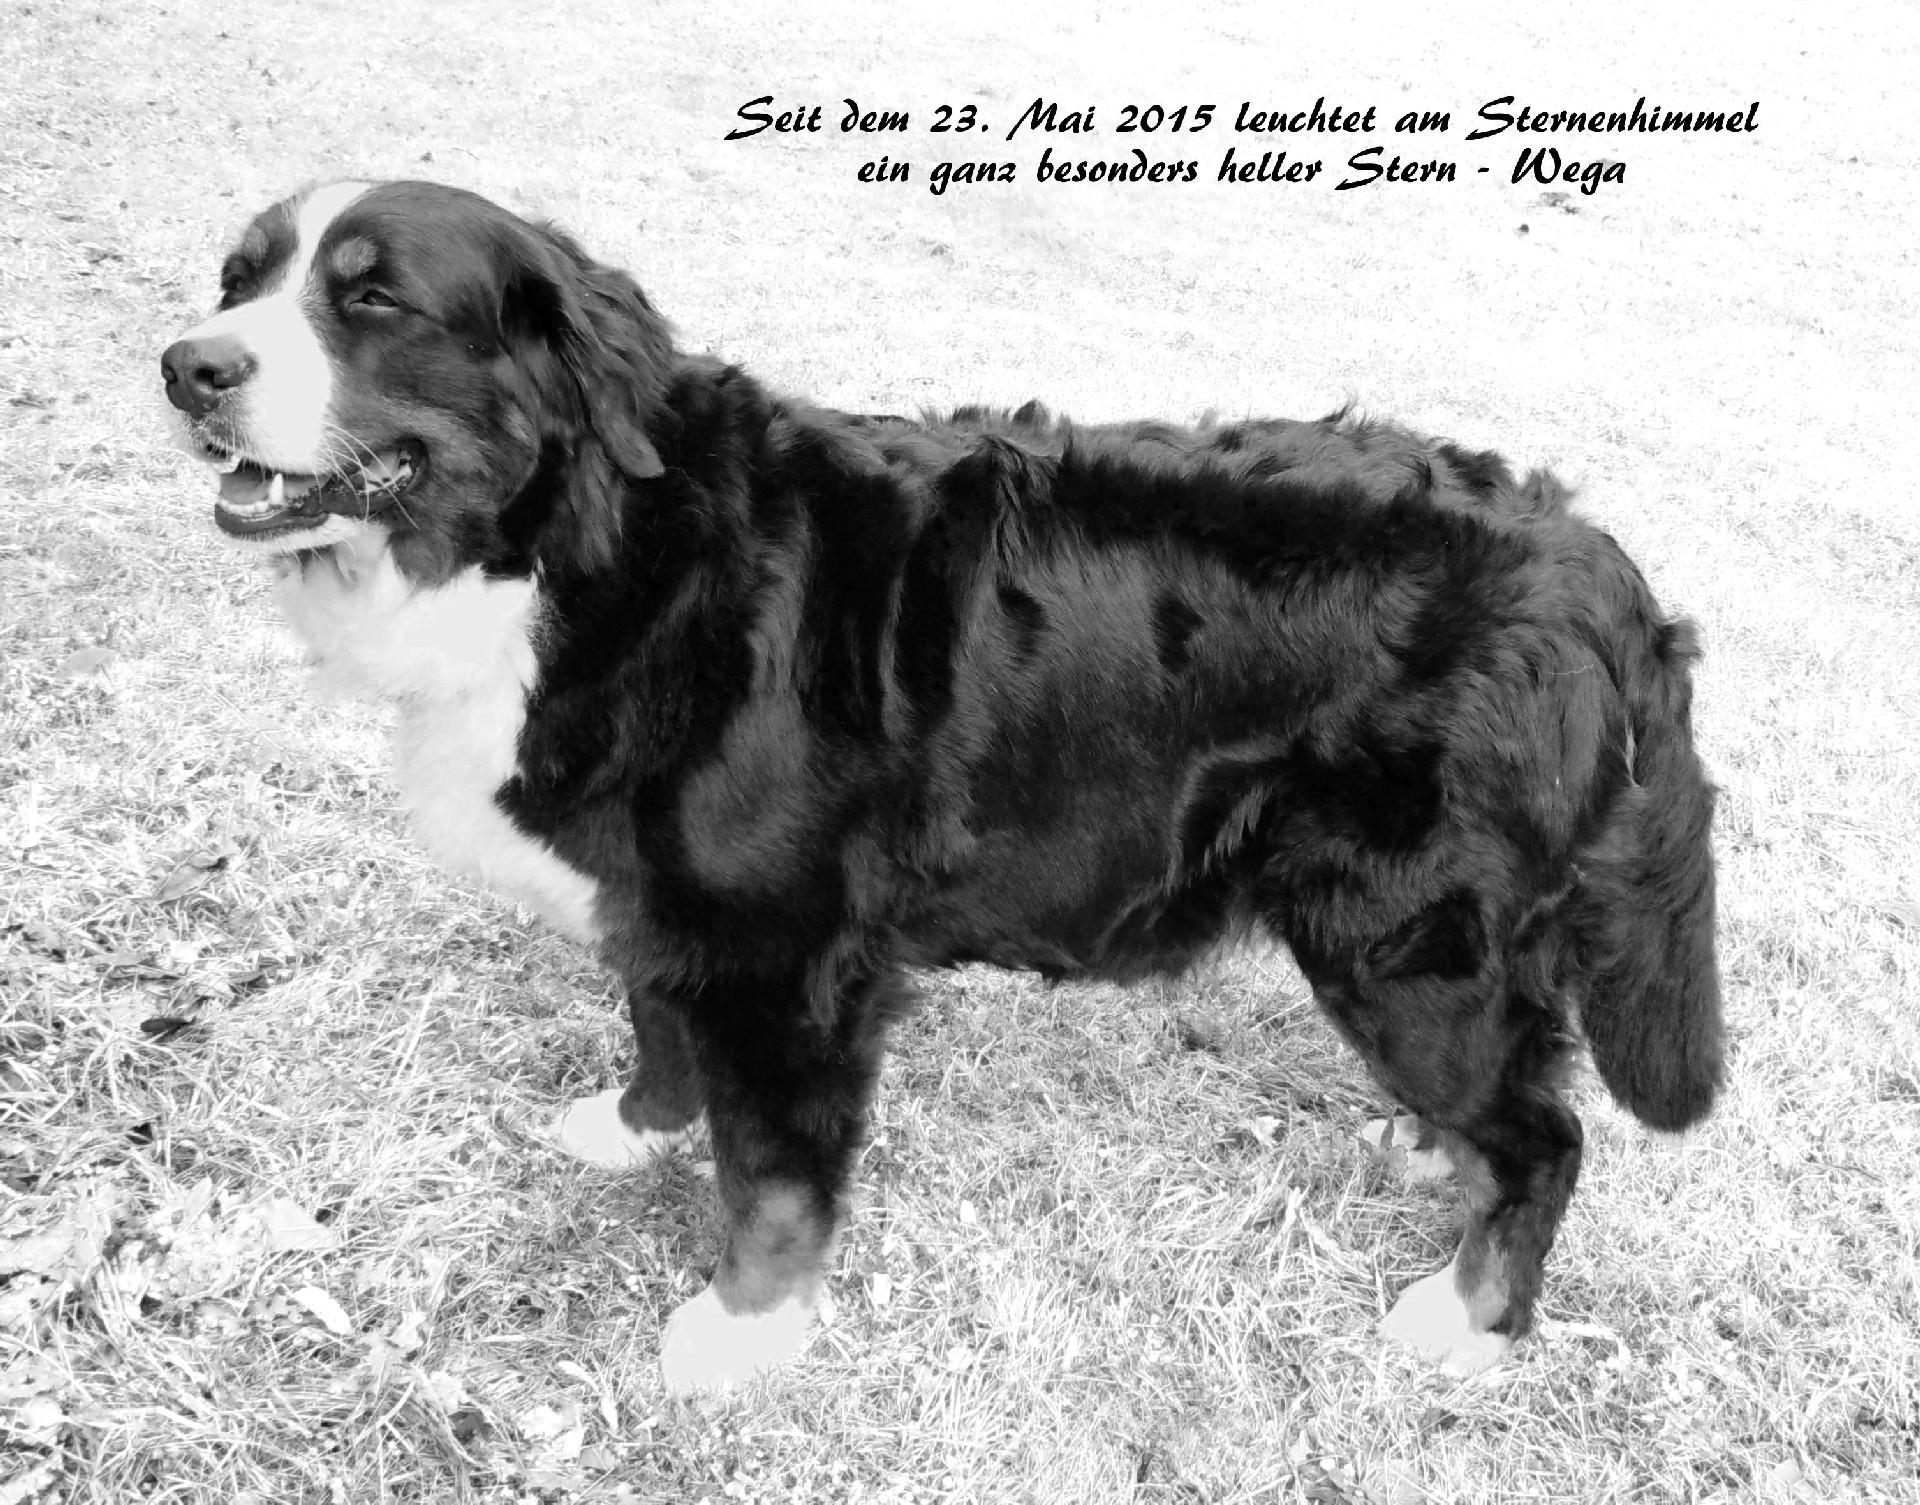 Wega vom Letzacher - 22.04.2006 - 23.05.2015